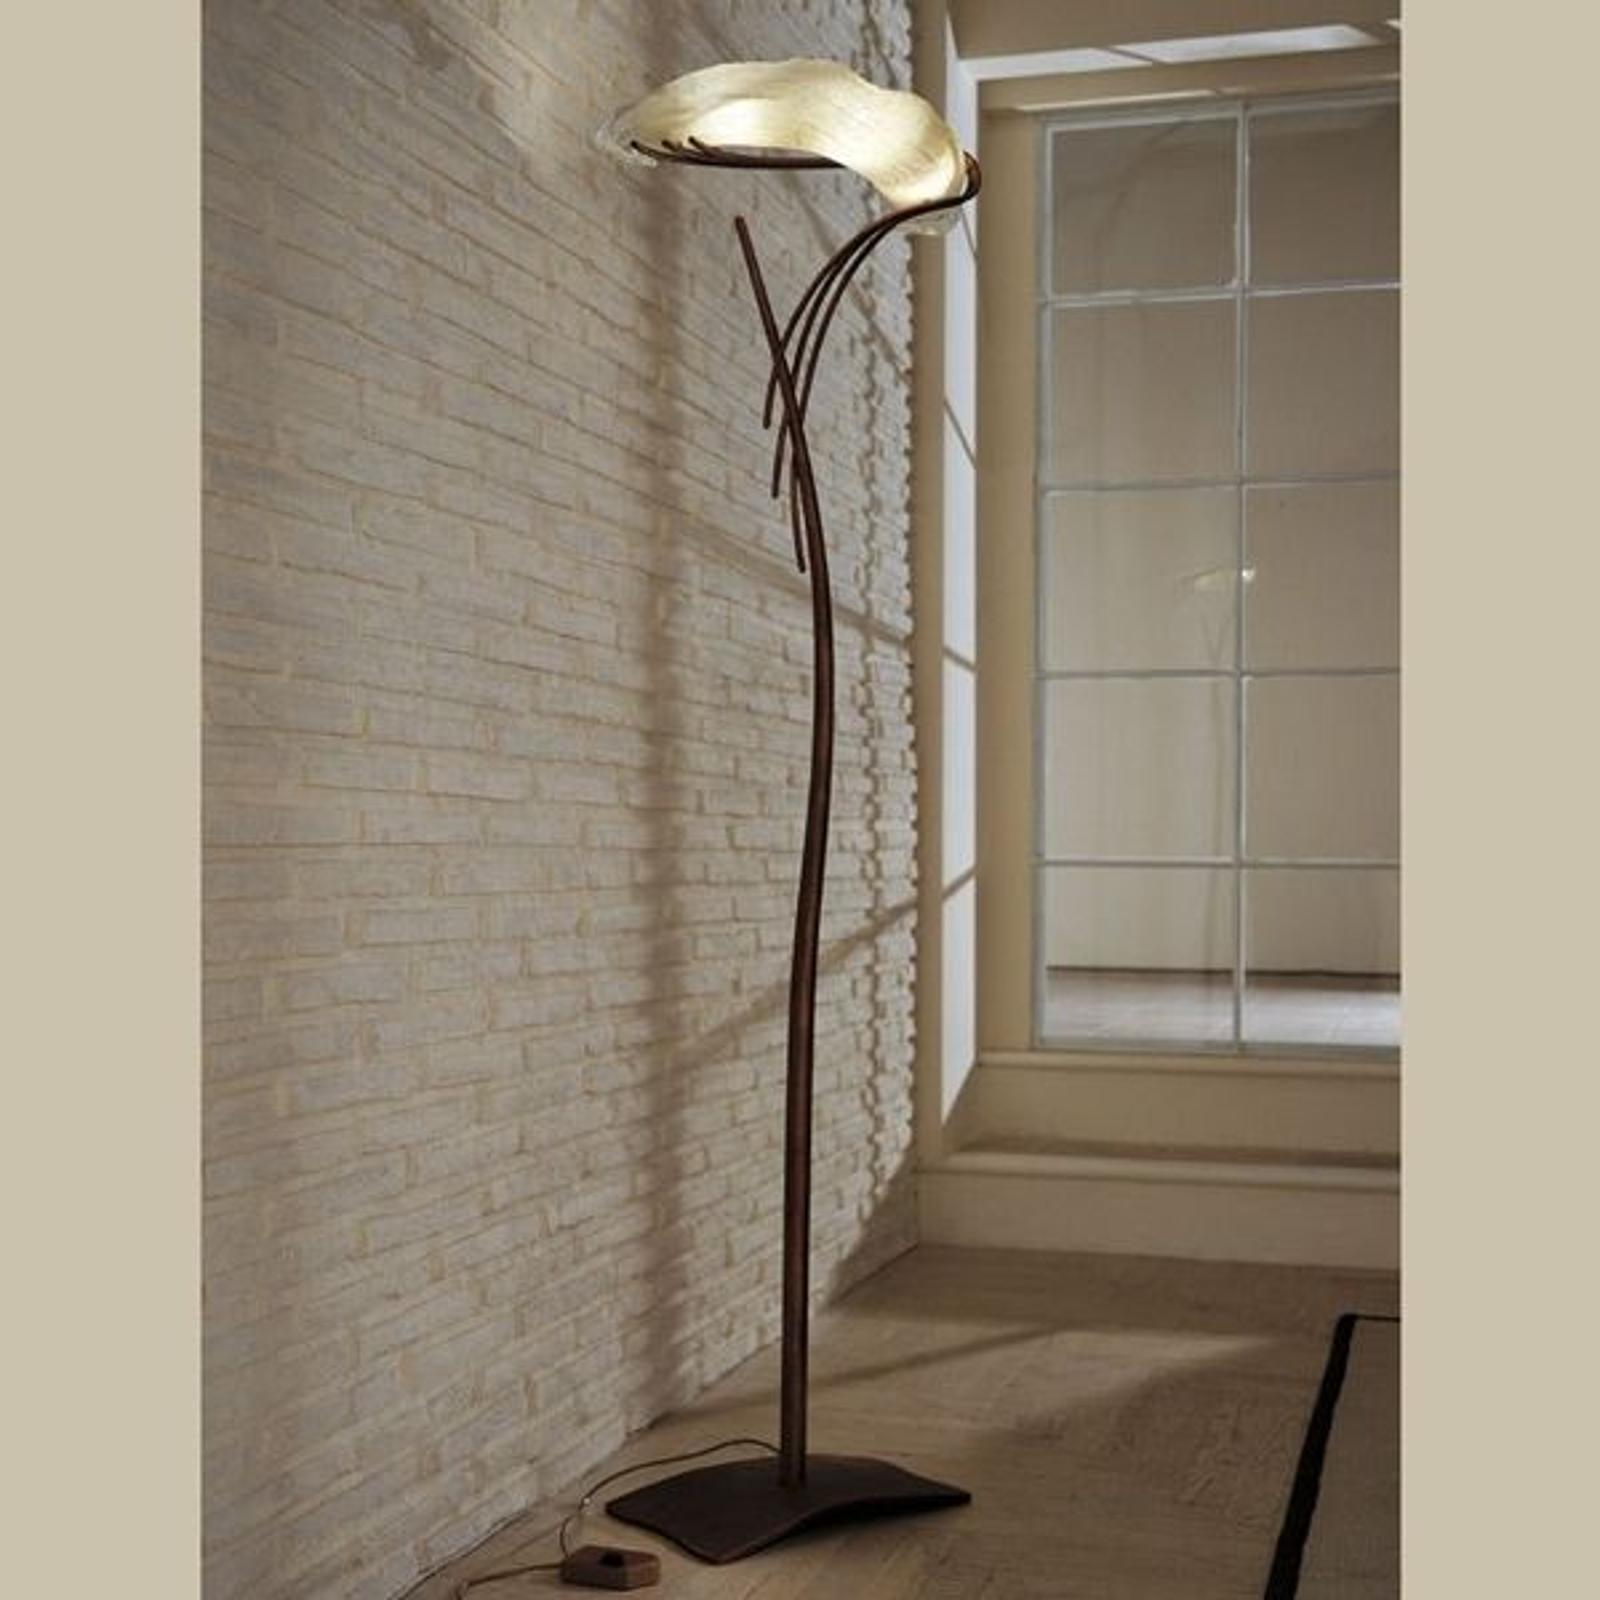 Artystyczna stylizowana lampa stojąca ROMA